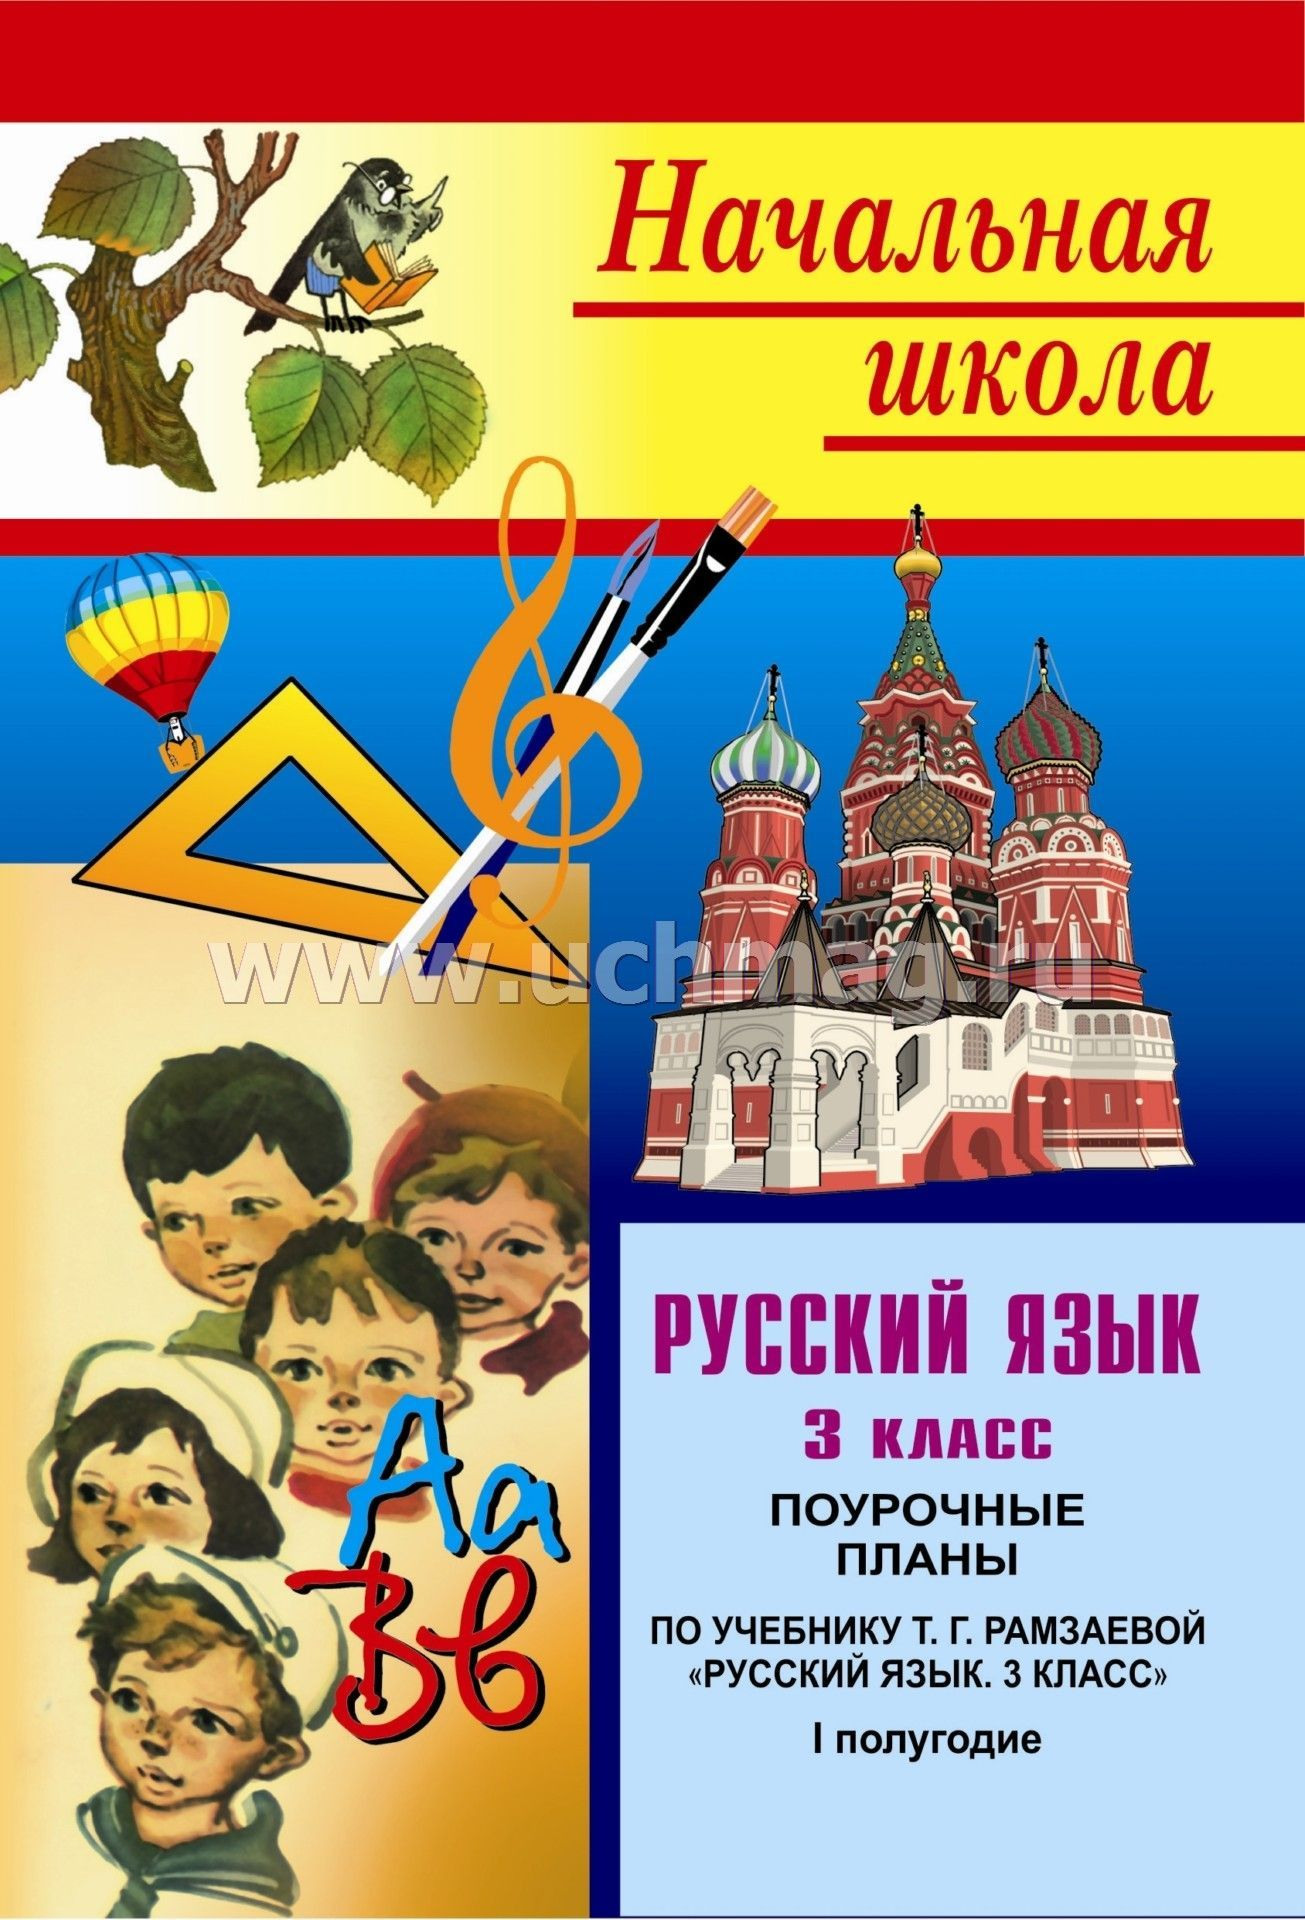 Поурочные планы 4 класса по русскому языку рамзаева скачать бесплатно